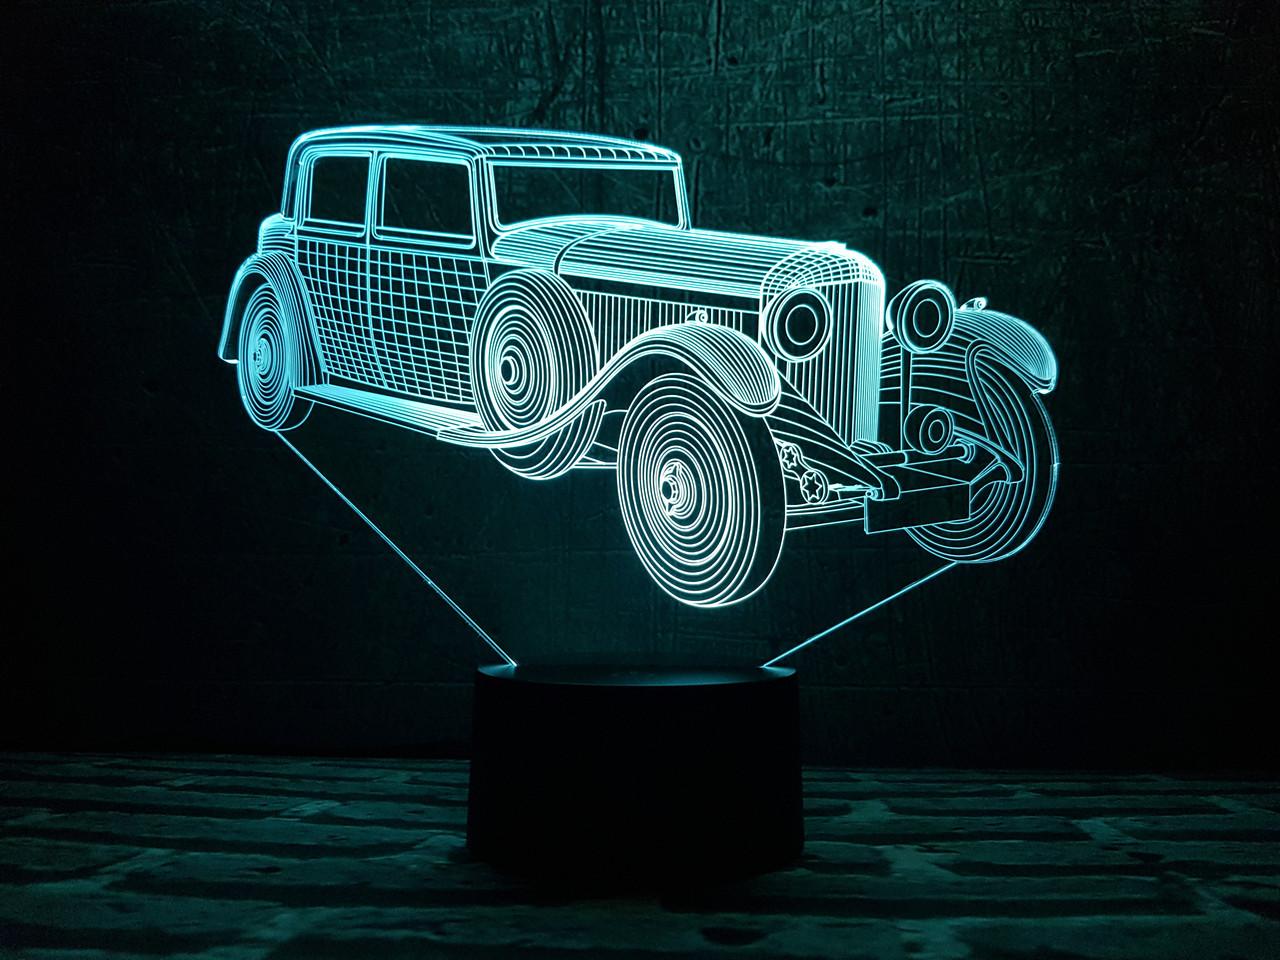 """Сменная пластина для 3D светильников """"Автомобиль 11 """" 3DTOYSLAMP, фото 1"""